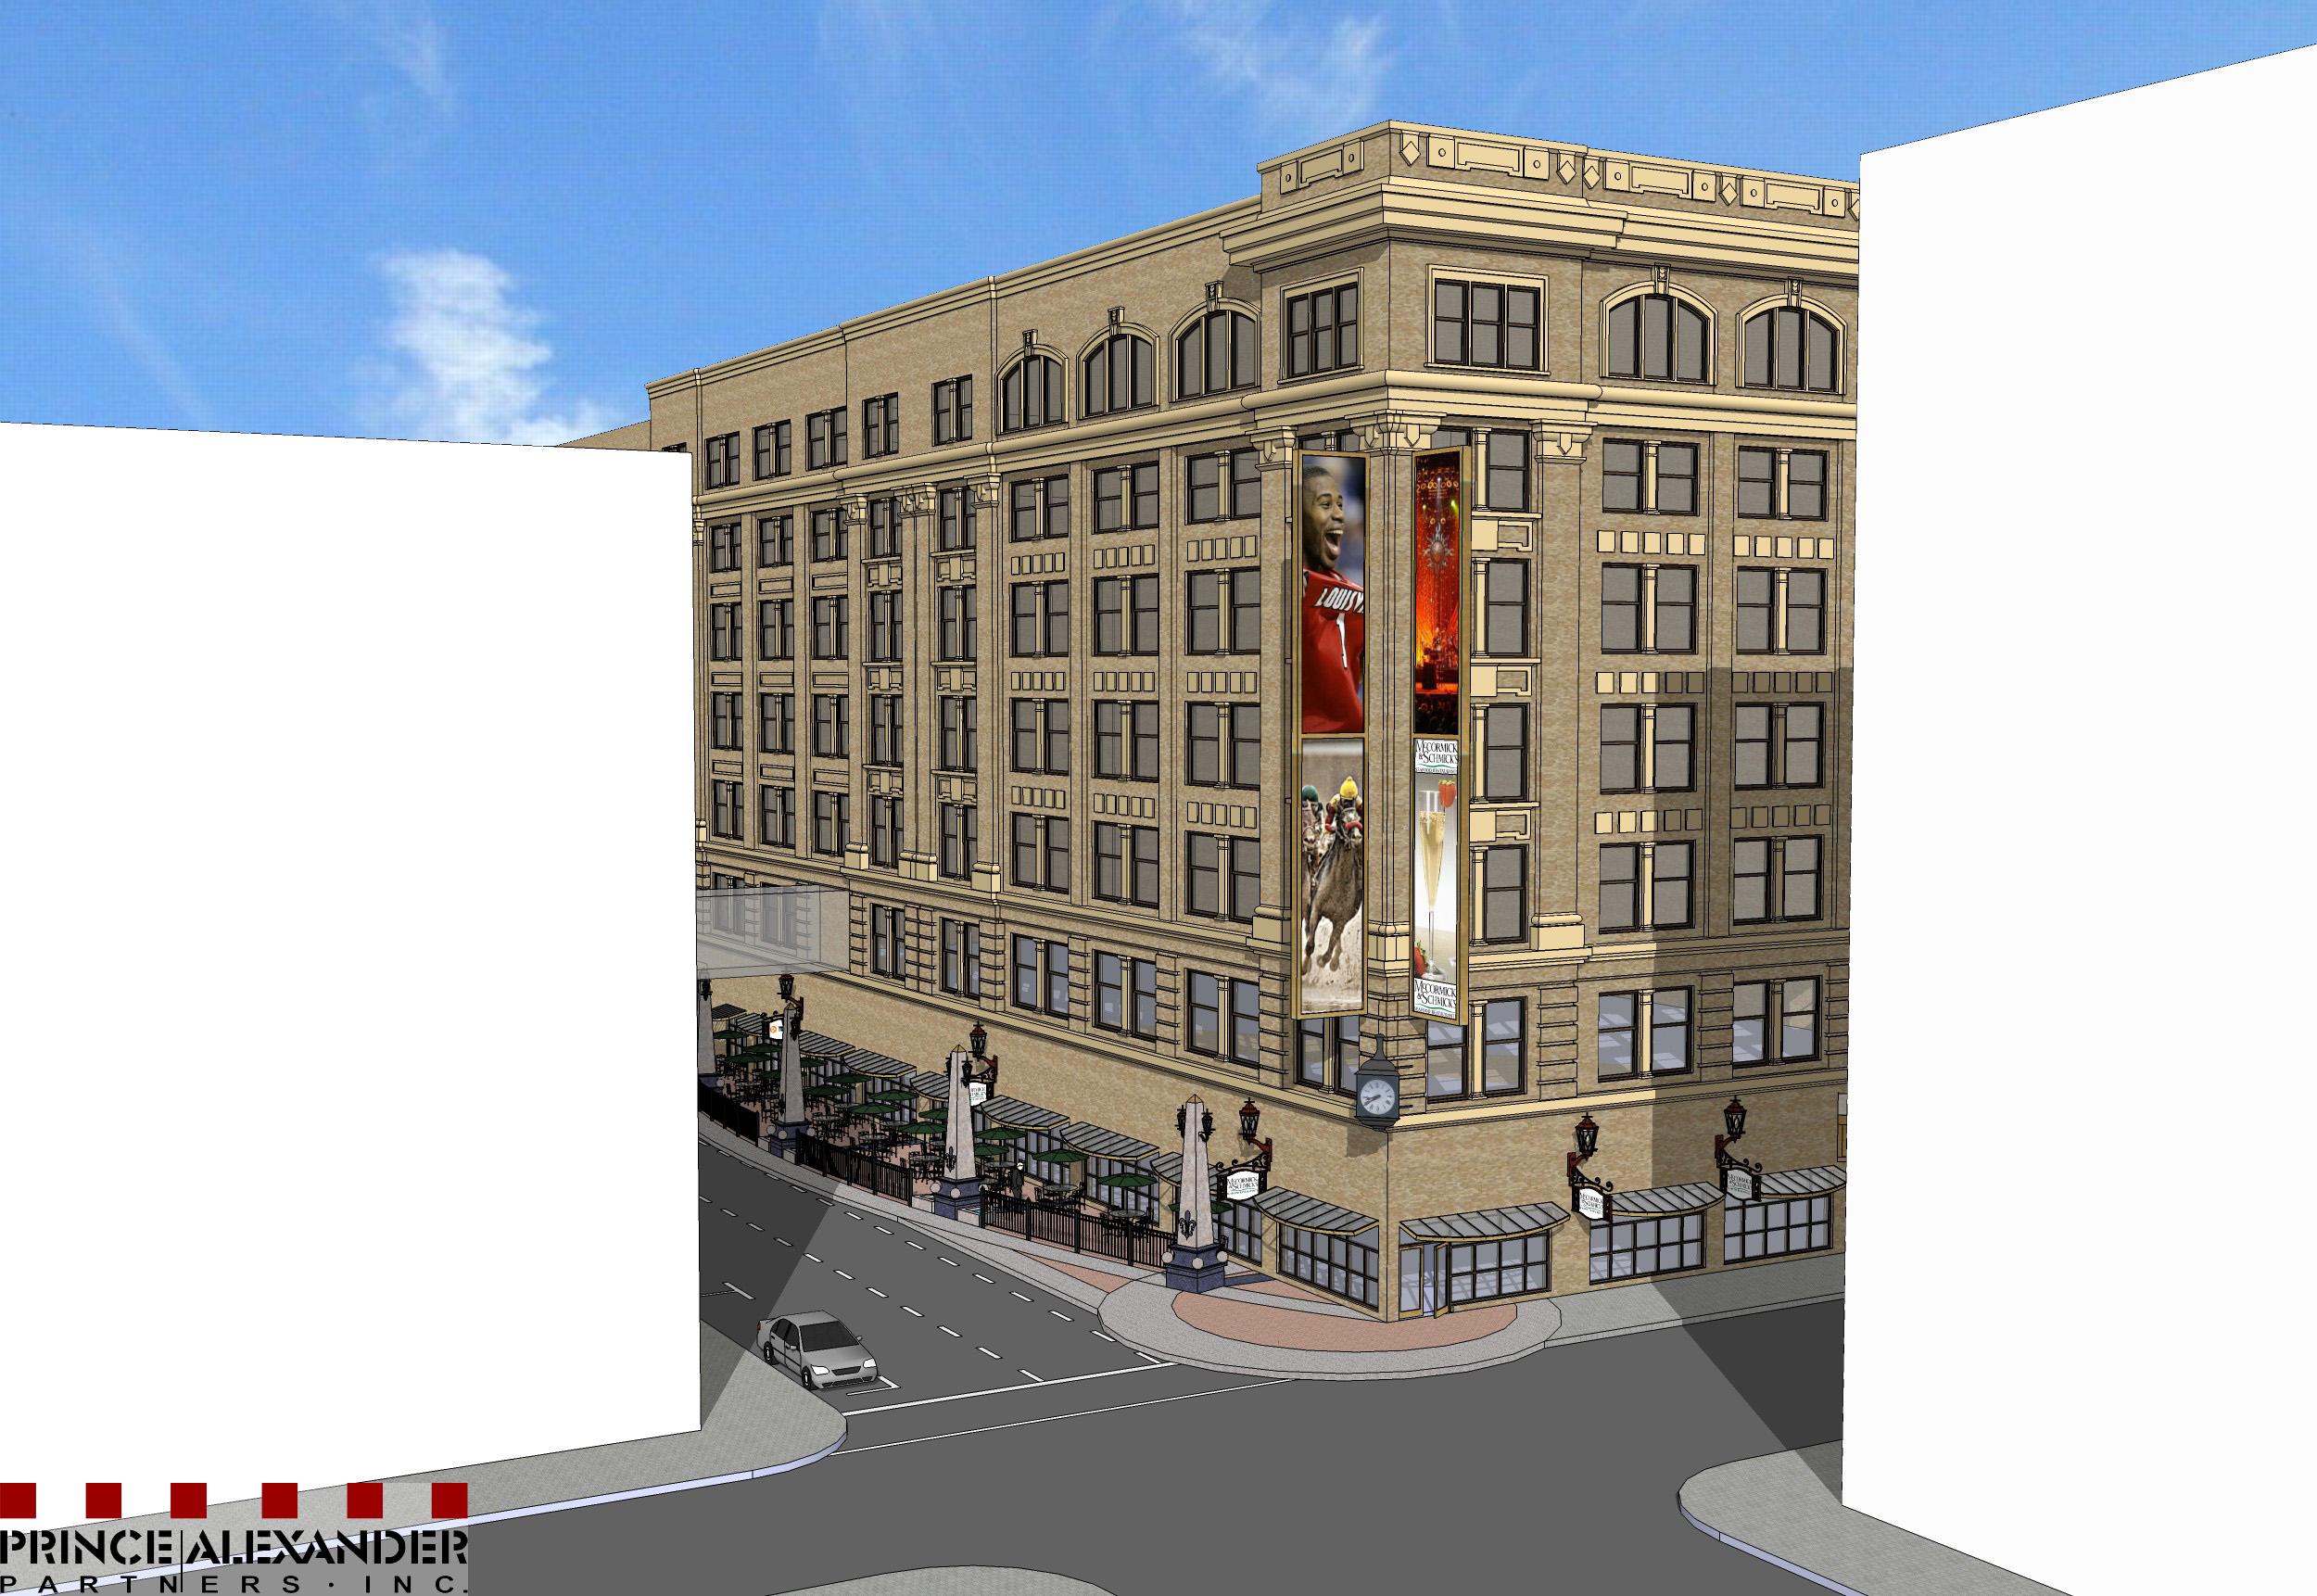 Embassy Suites_12-29-09_1.jpg